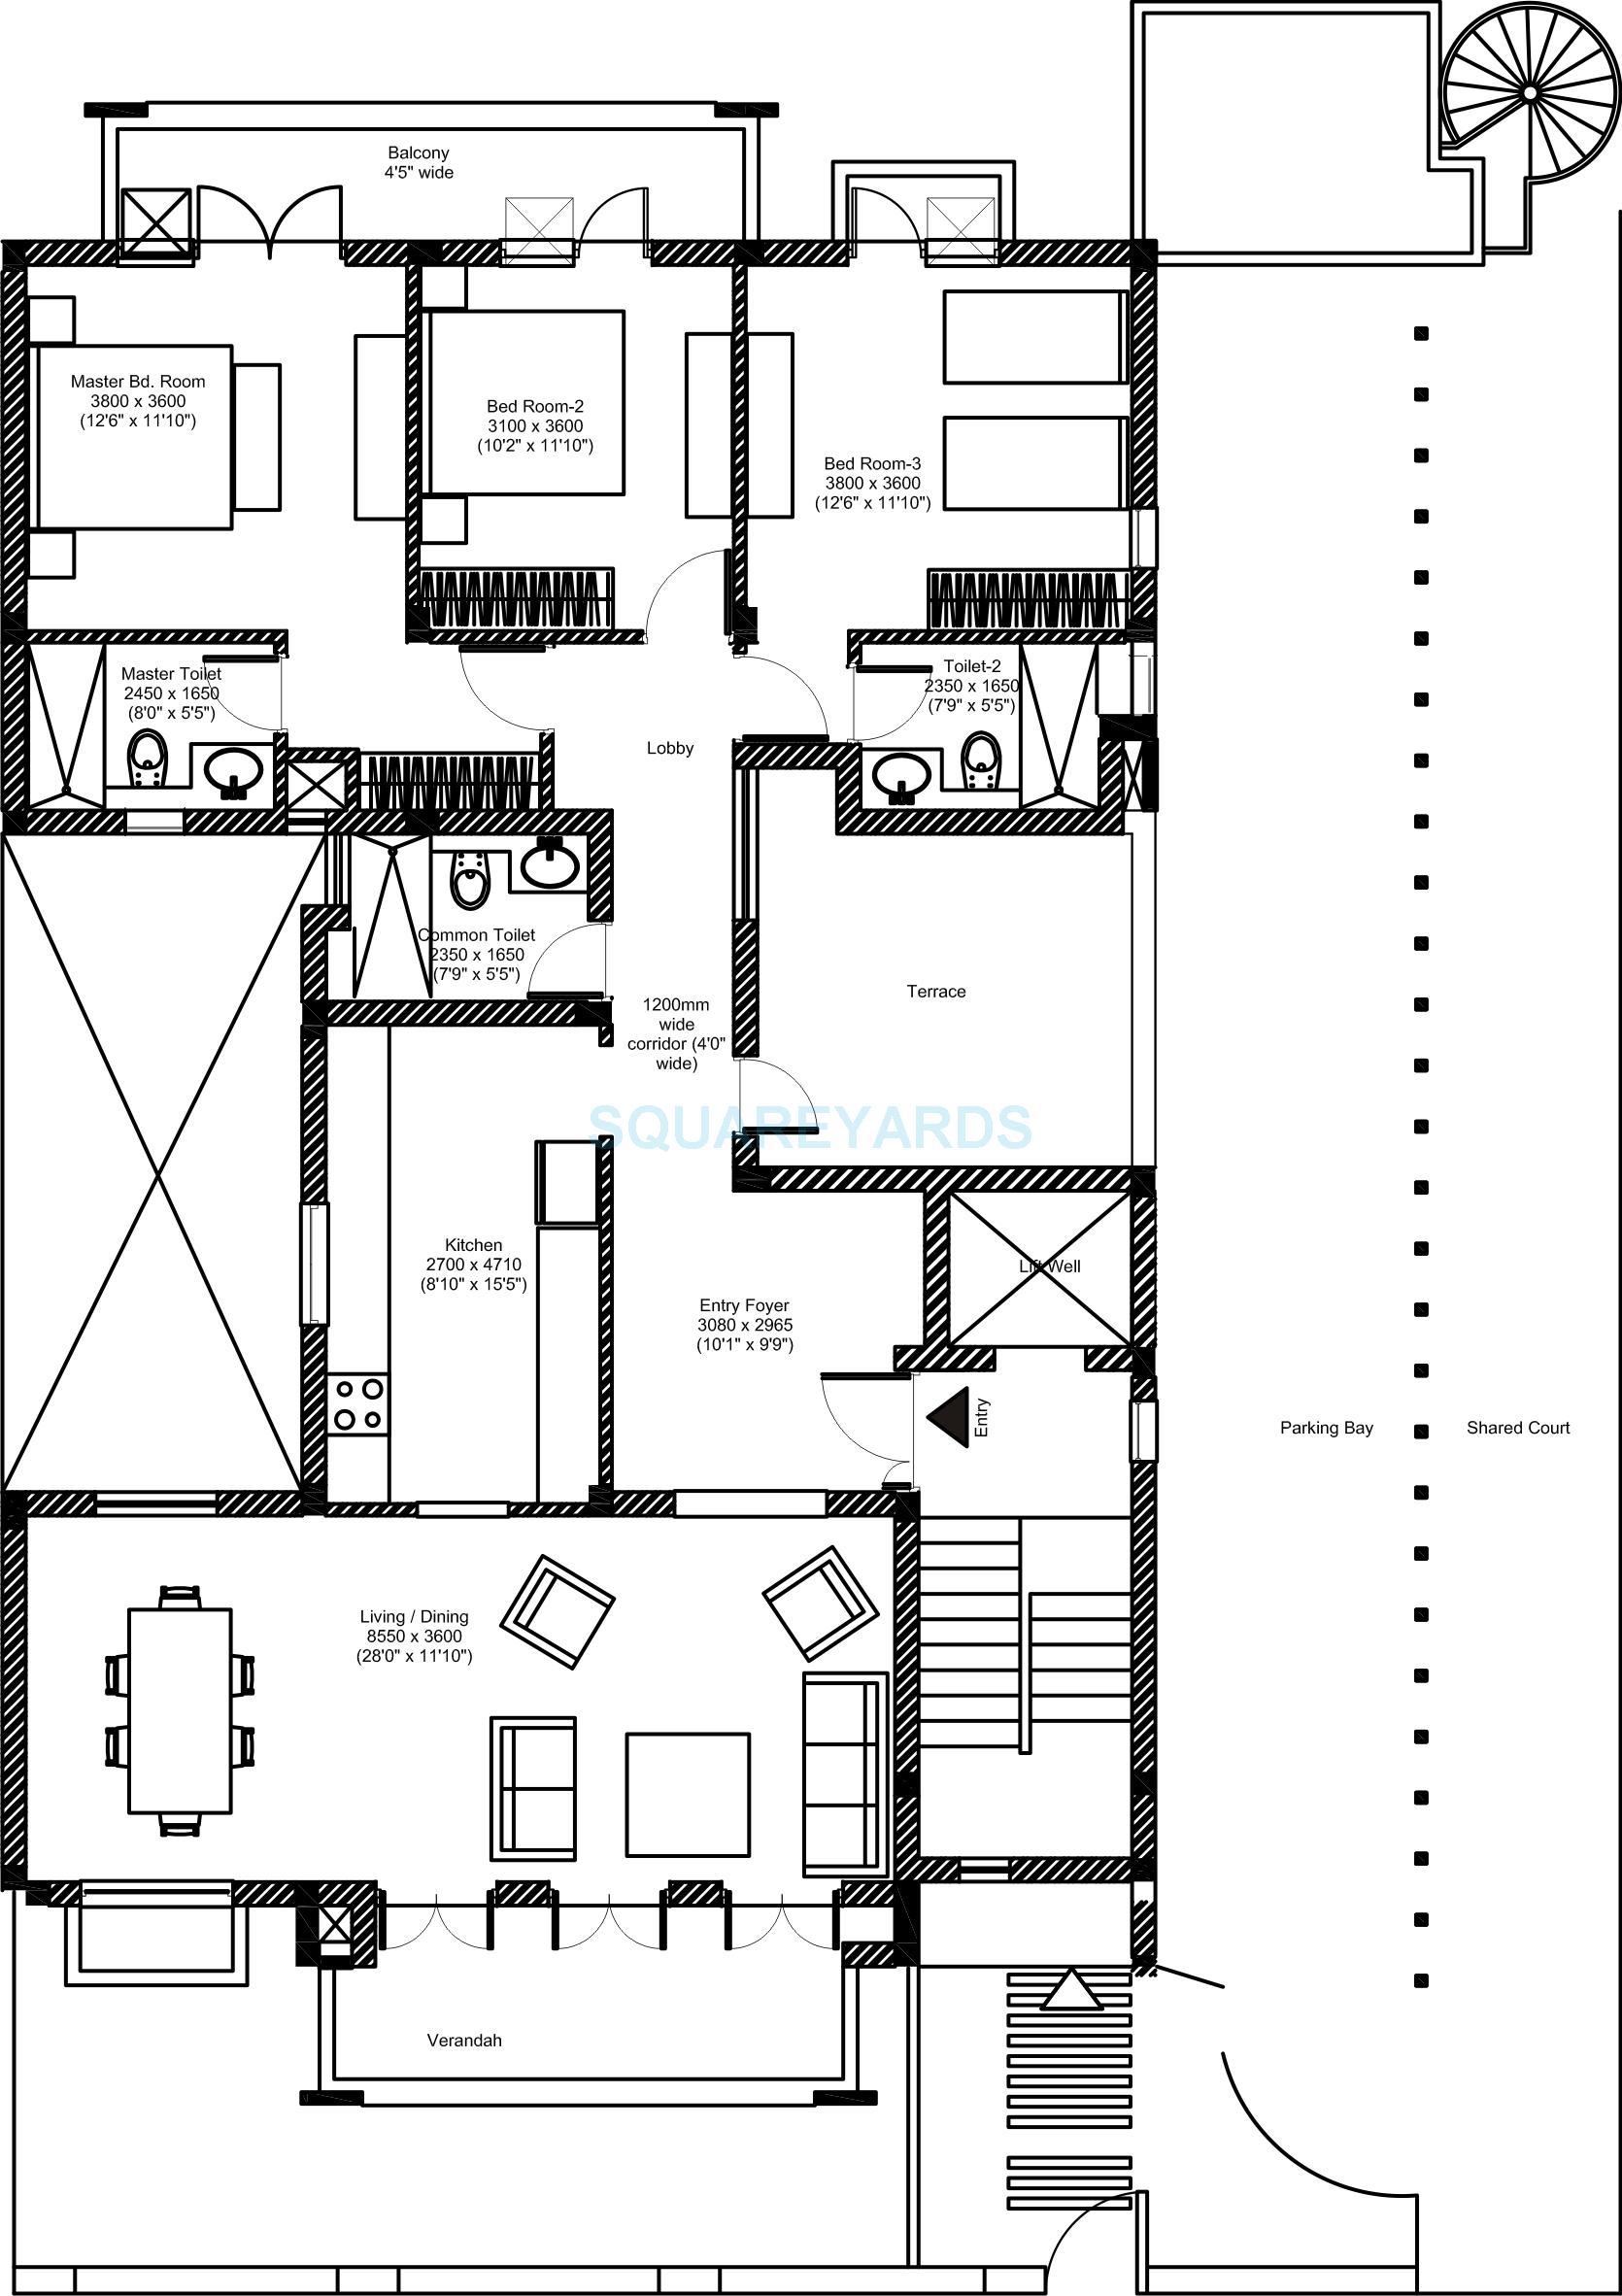 vatika inxt floors builder floor sf 3bhk 4402 44sqft 1